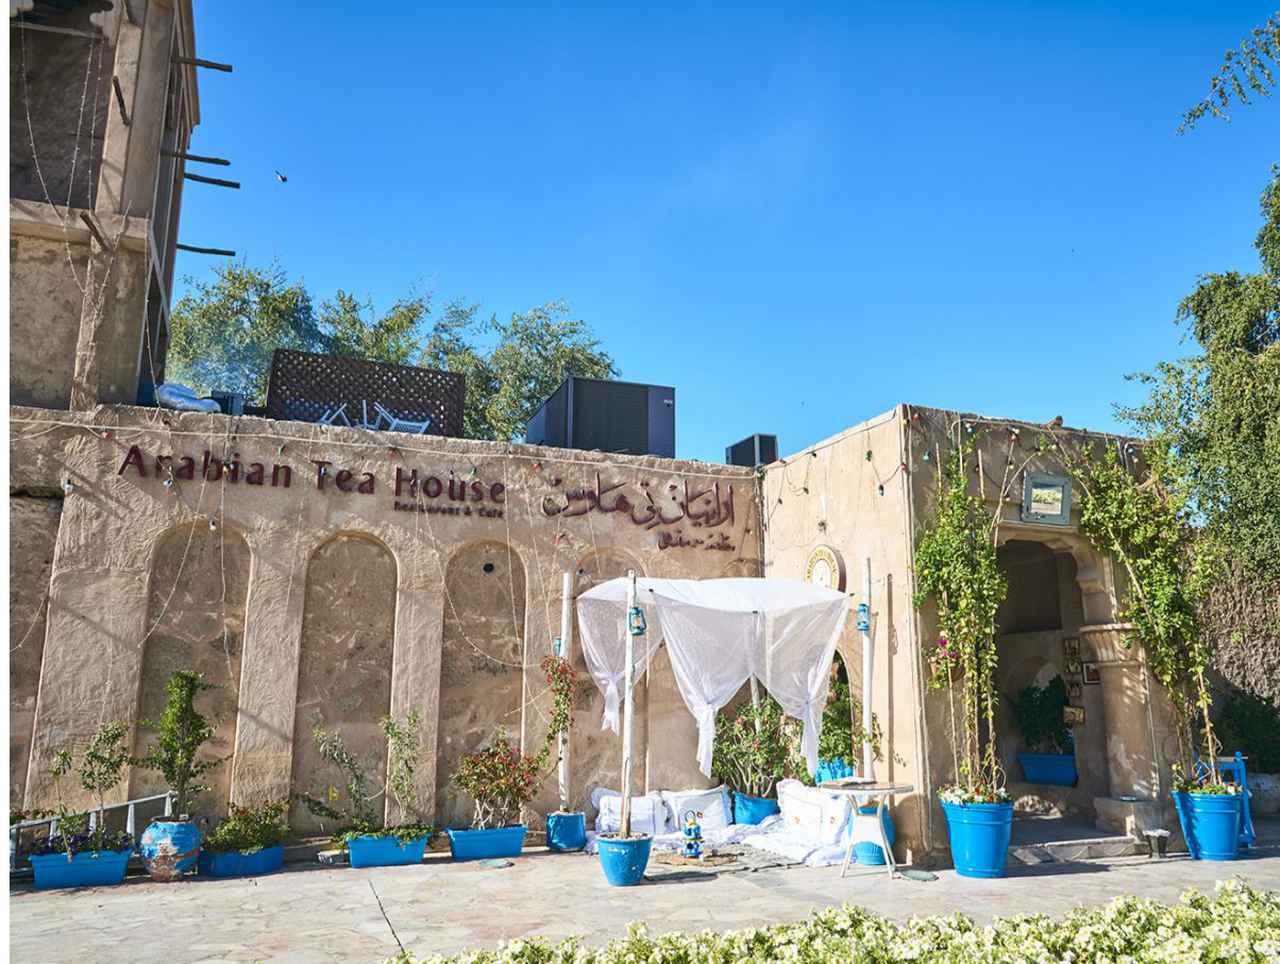 画像1: Arabian  Tea  House(イメージ)